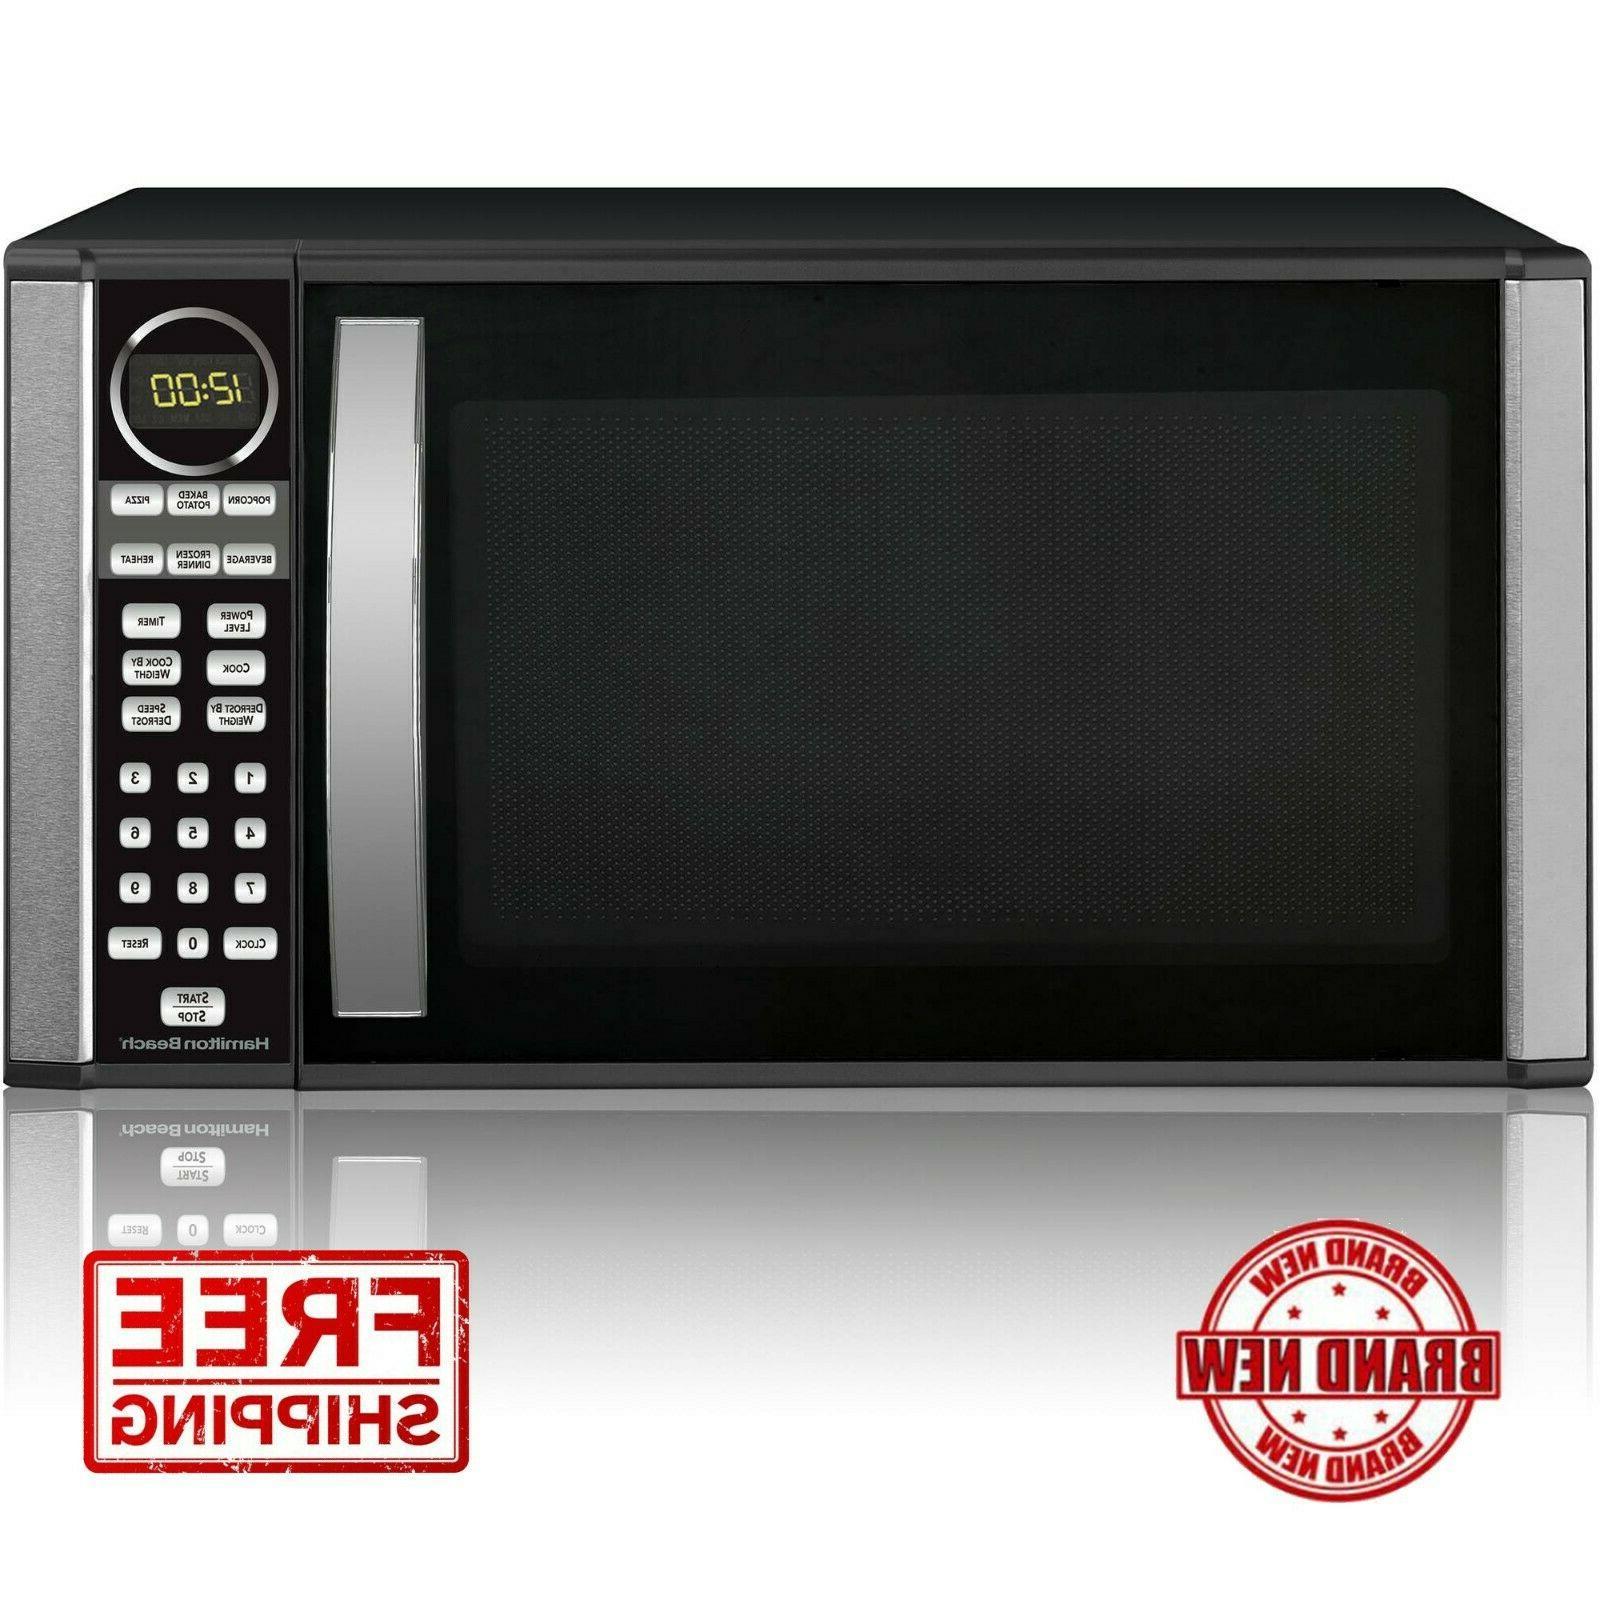 Hamilton Beach 1.3-cu. ft Microwave Oven Black 1000W Stainle